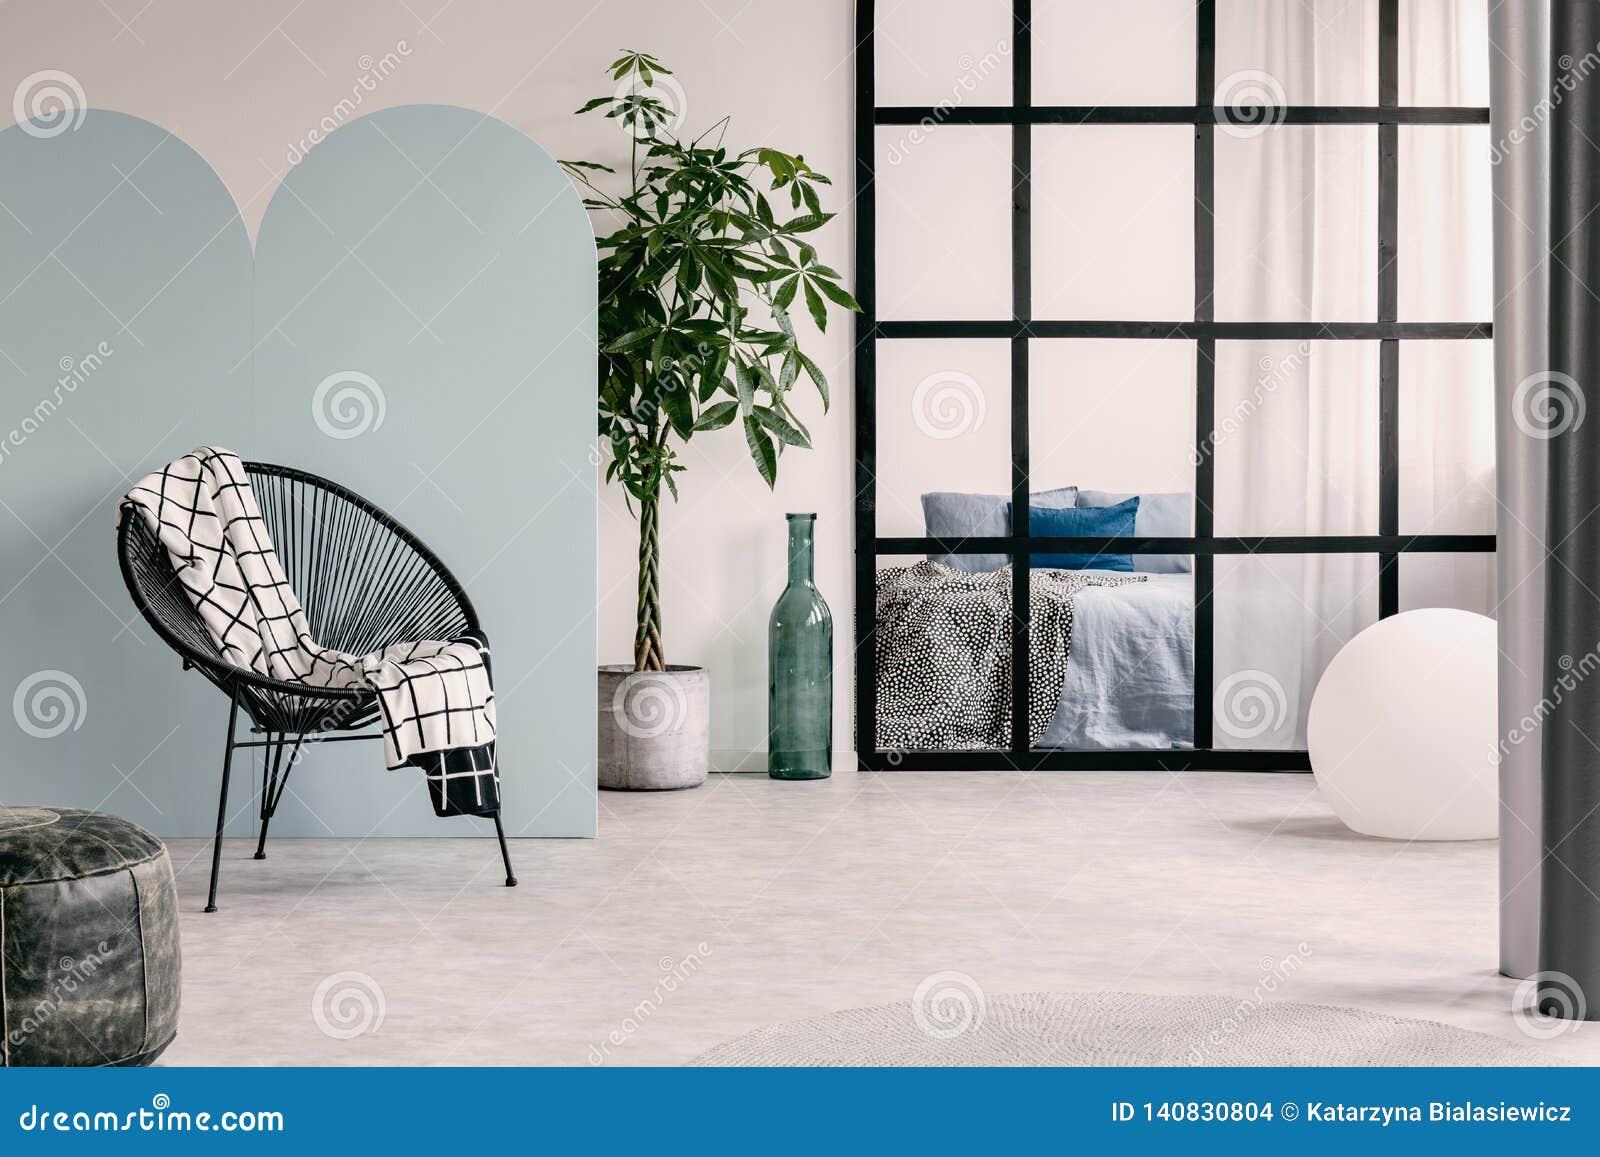 Модный интерьер живущей комнаты с белой и голубой стеной, зеленым растением в баке и ультрамодным стулом